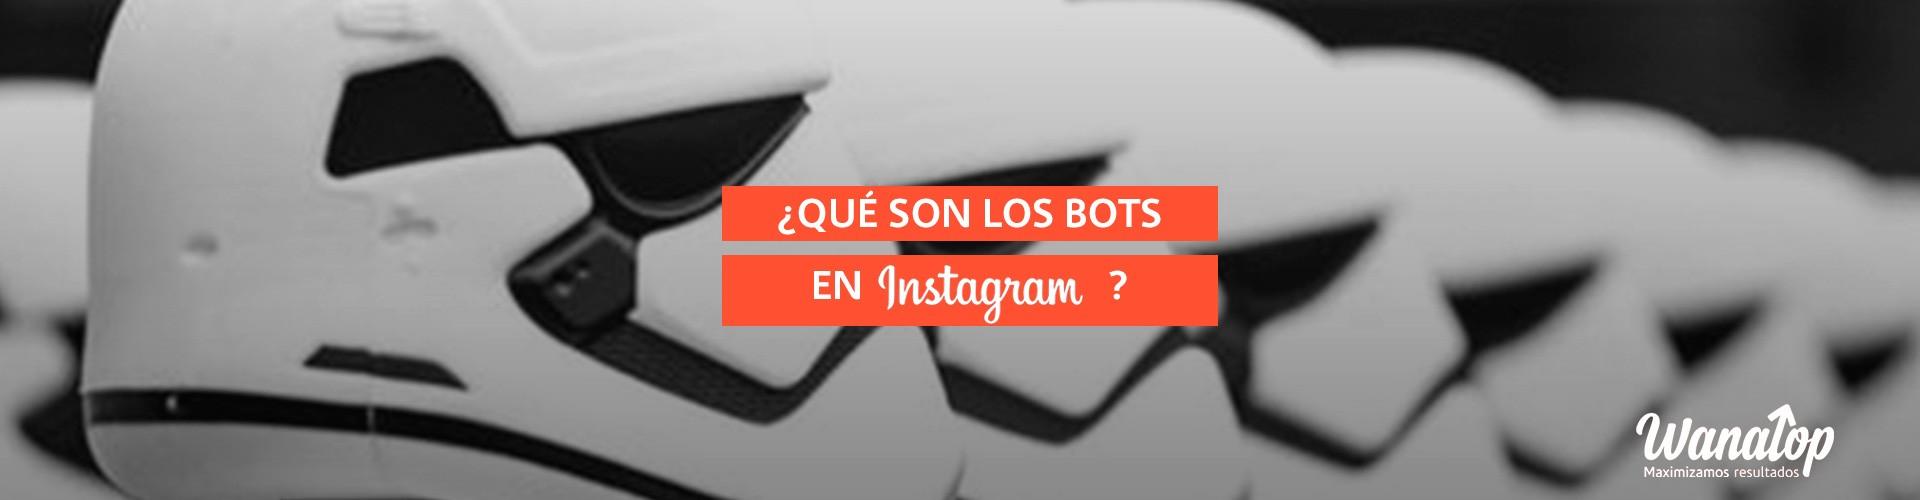 ¿Qué son los Bots de Instagram?